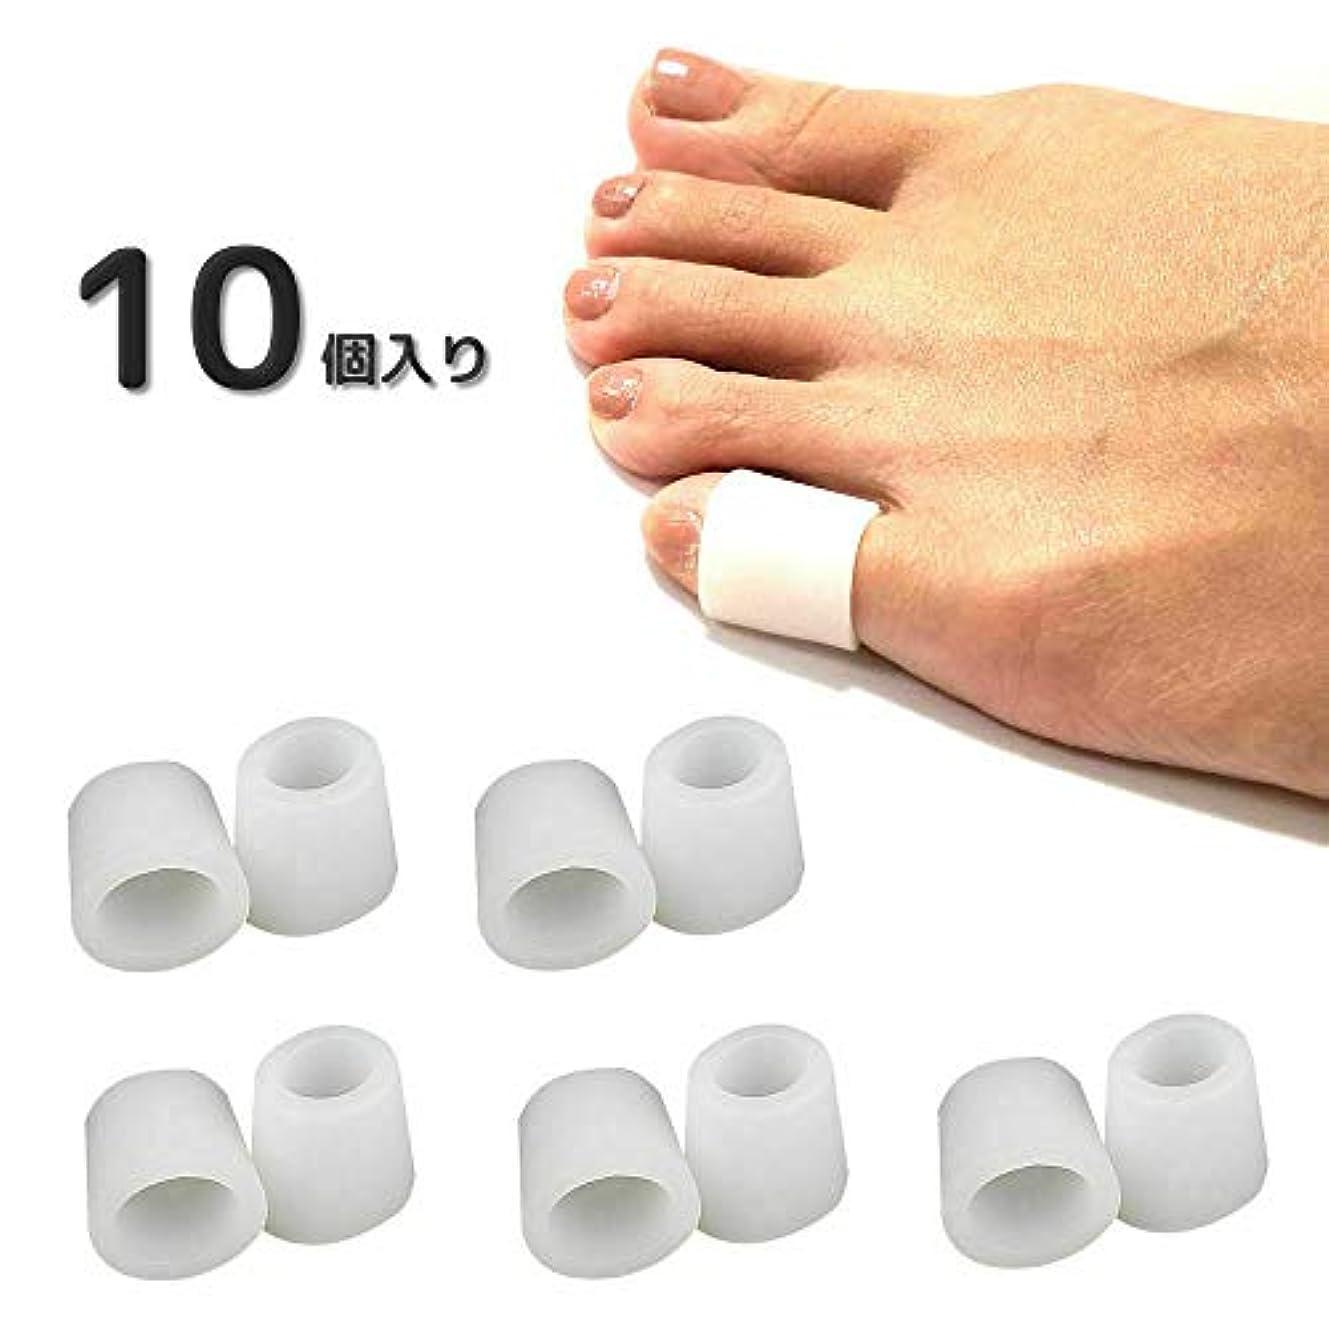 認可報酬のまとめるLumiele 指や爪の保護キャップ 足爪 足指 柔らかシリコン サポーター 小指 指サック 5セット 10個入り